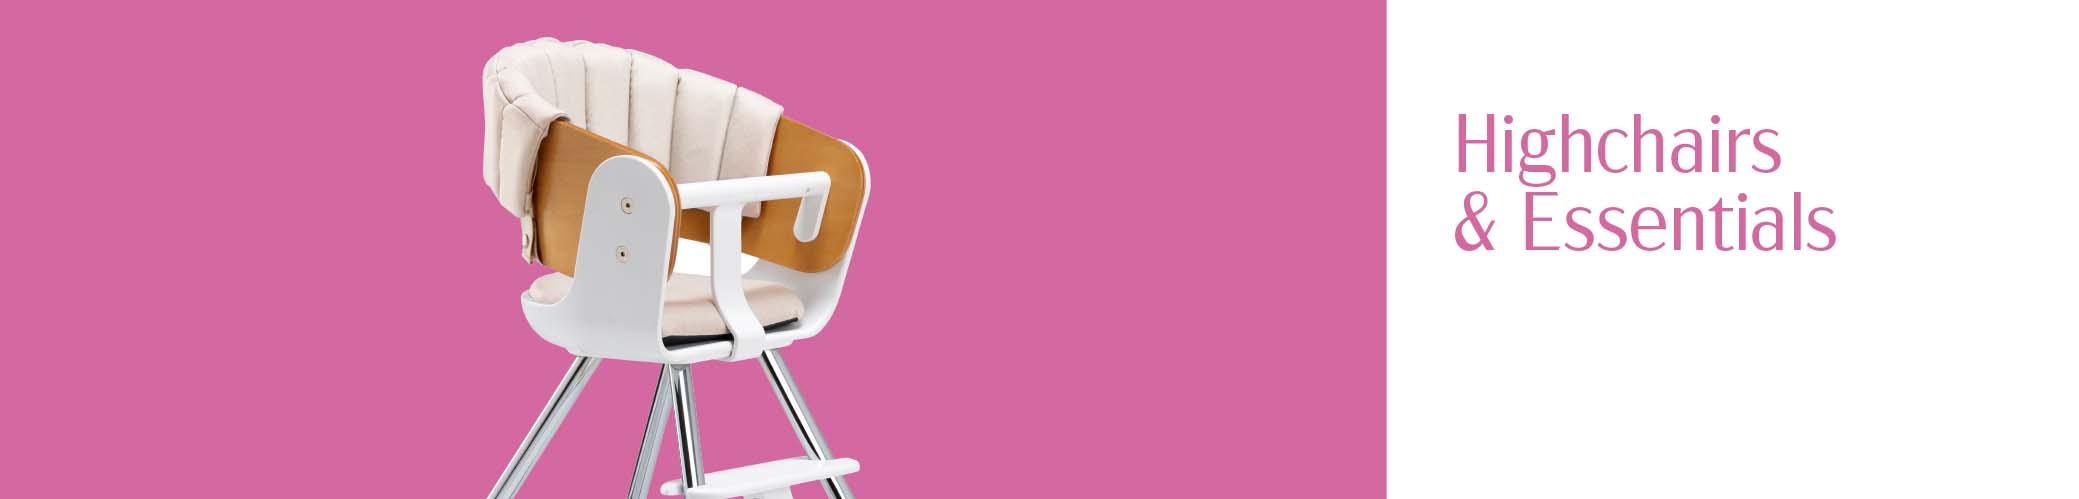 -011-highchairs-essentials-internalbanner-may21.jpg